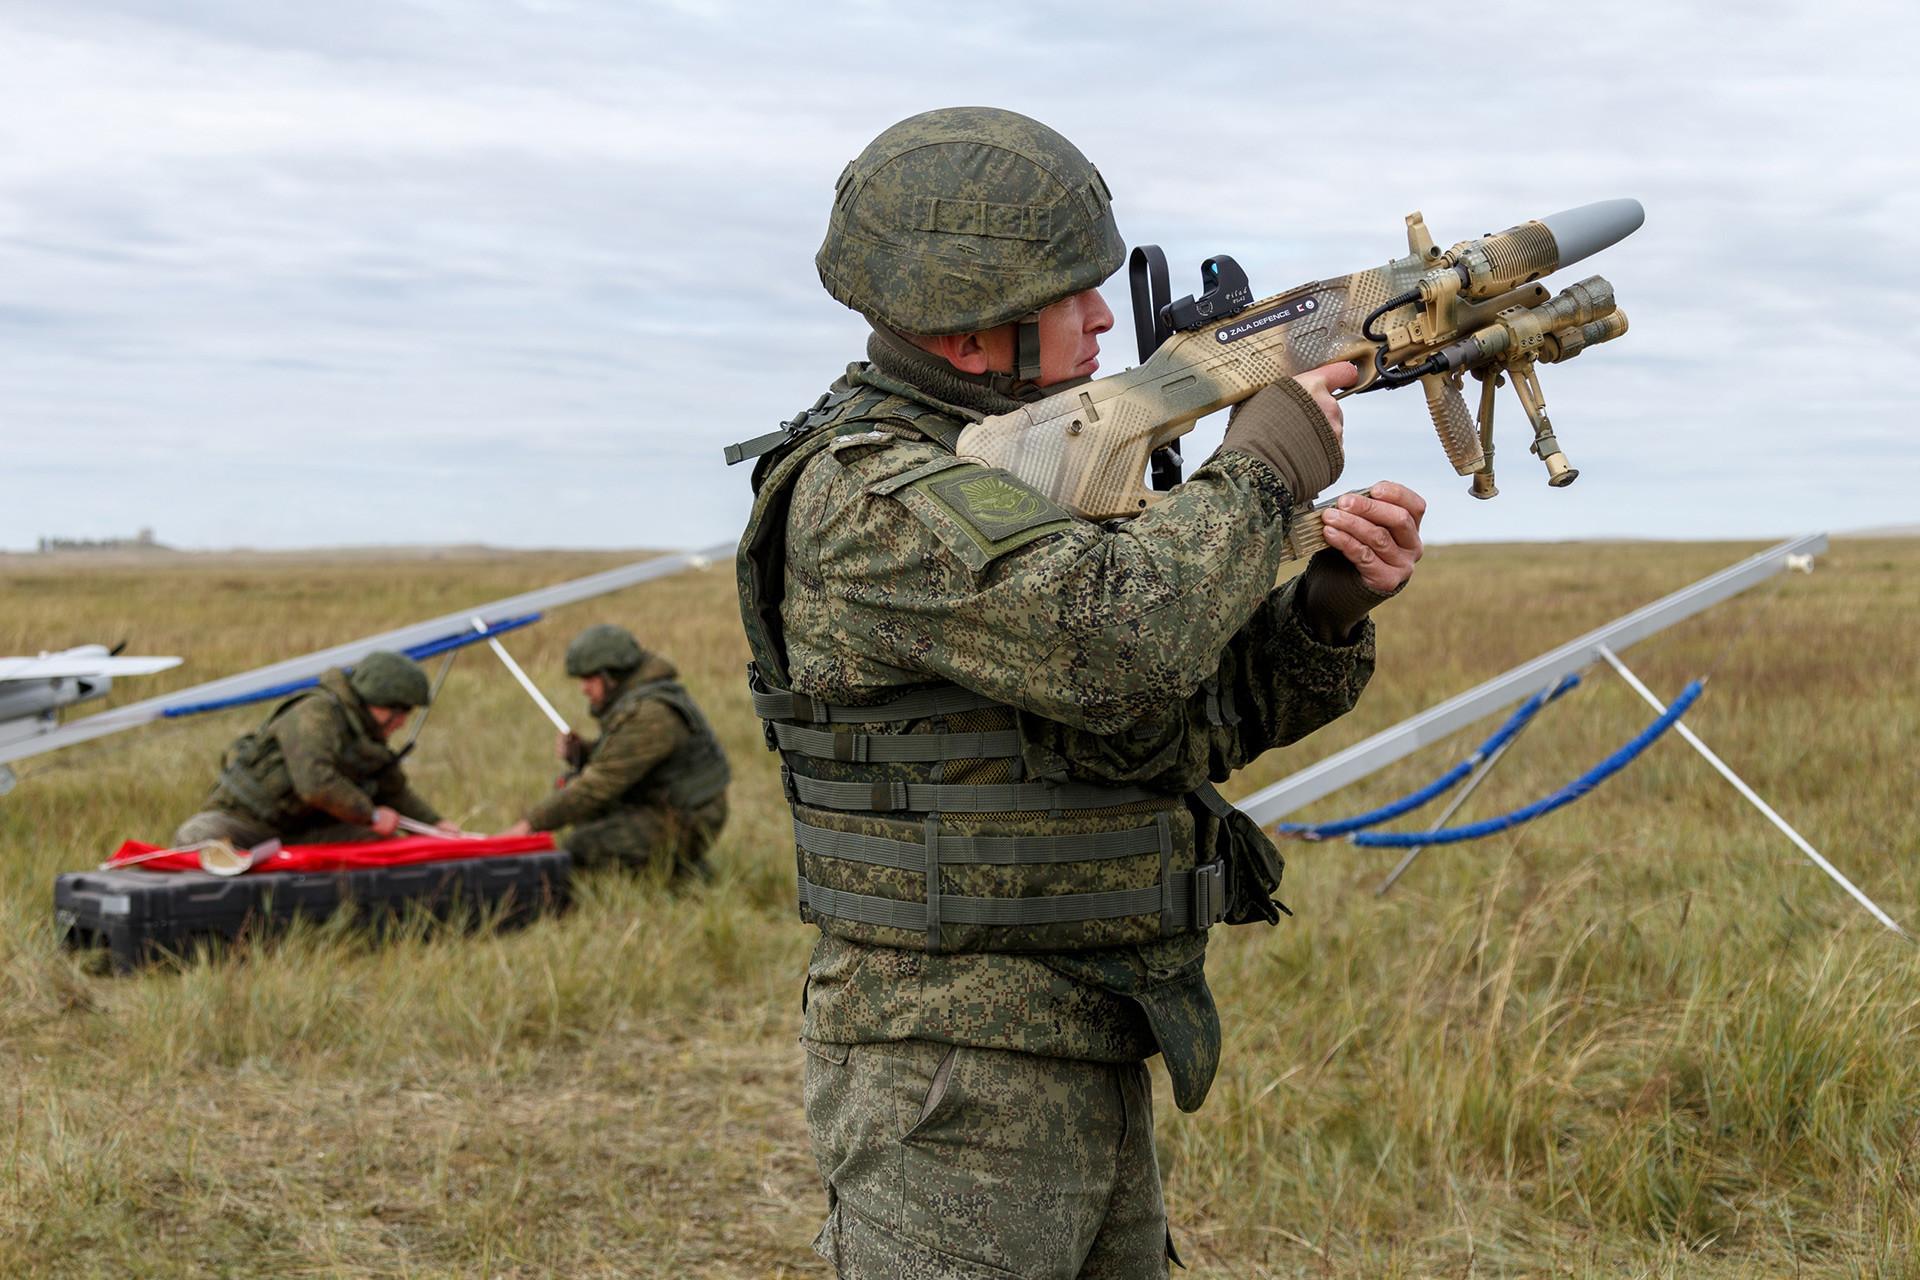 対無人機砲「REX-1」を持つ兵士。ツゴル演習場で行われた露中合同軍事演習「ボストーク2018」にて。